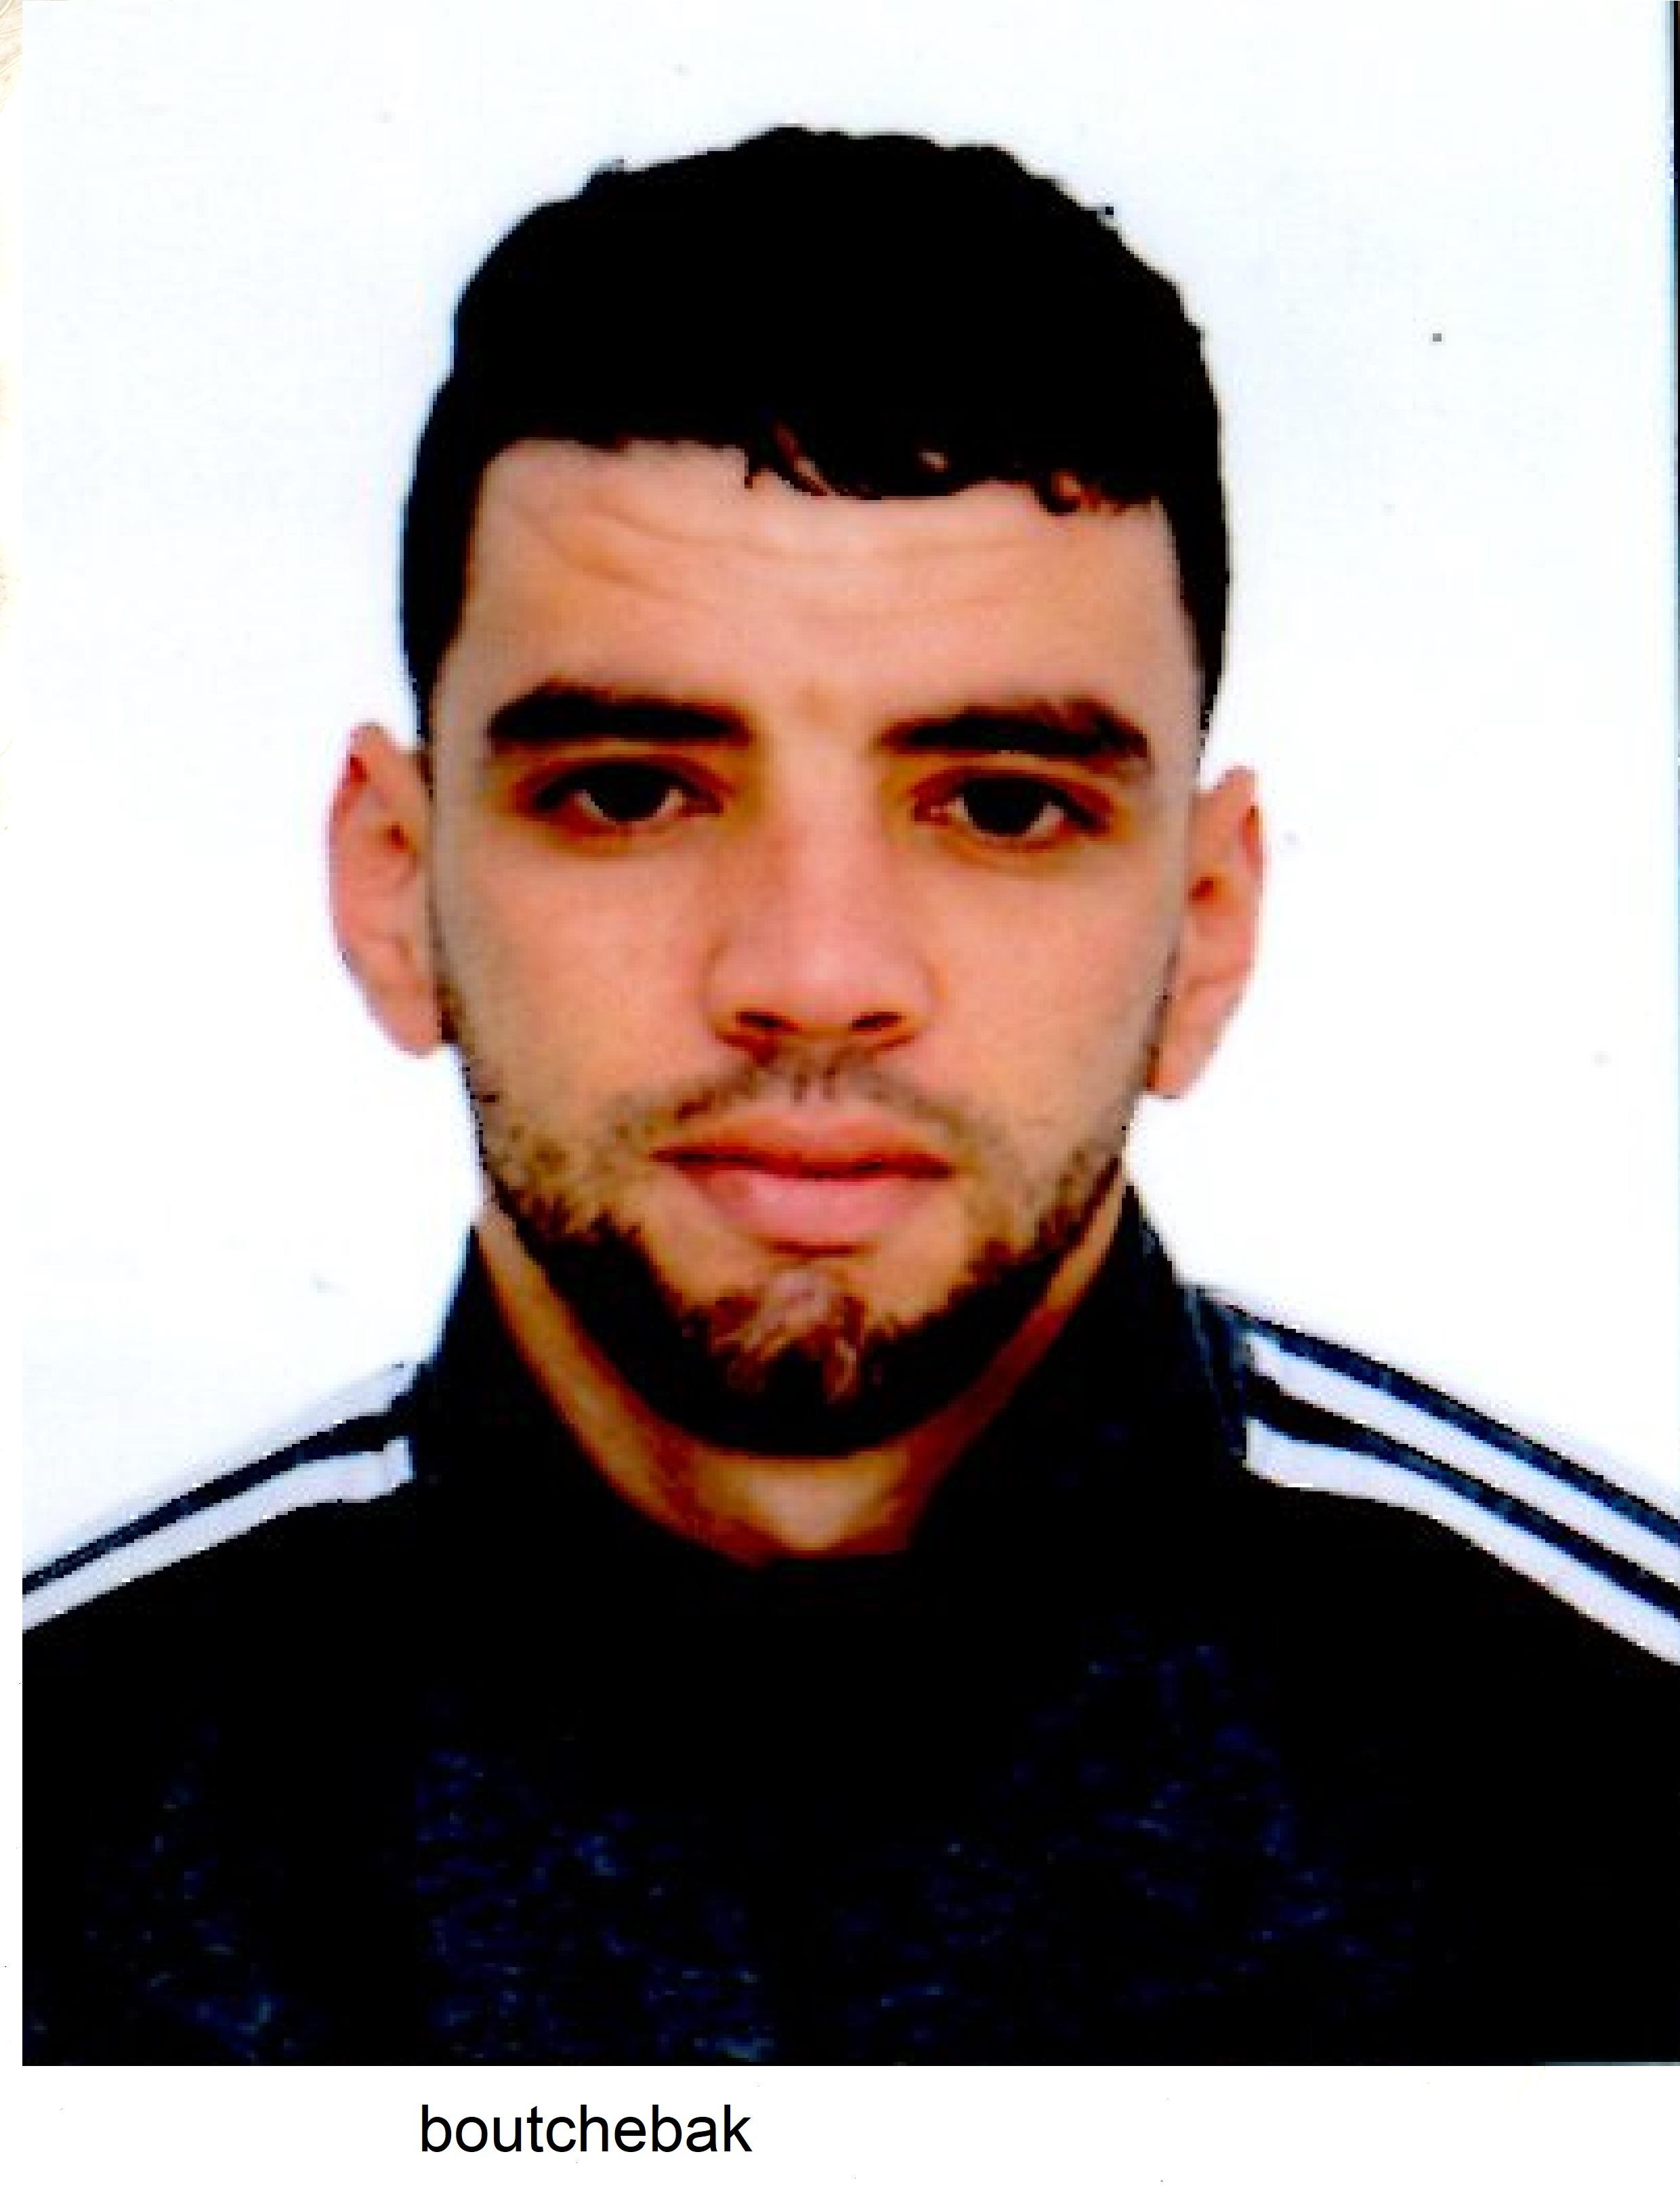 BOUTCHEBAK Abdelghafour